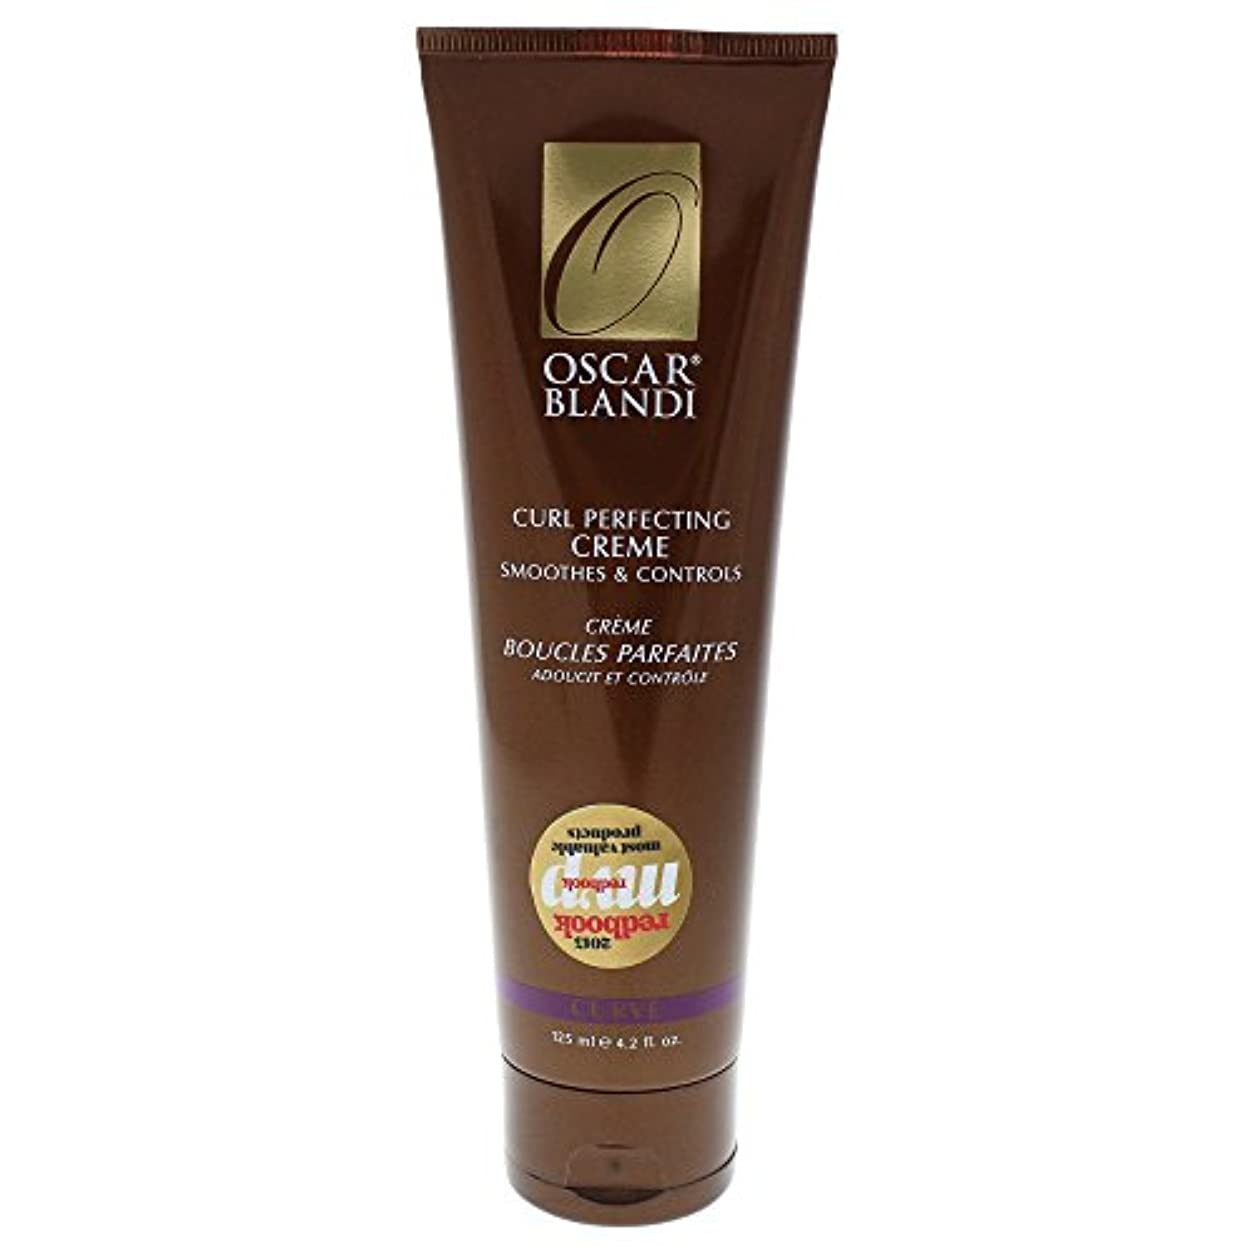 増幅する量増幅するOscar Blandi Curve Curl Perfecting Creme (並行輸入品) [並行輸入品]